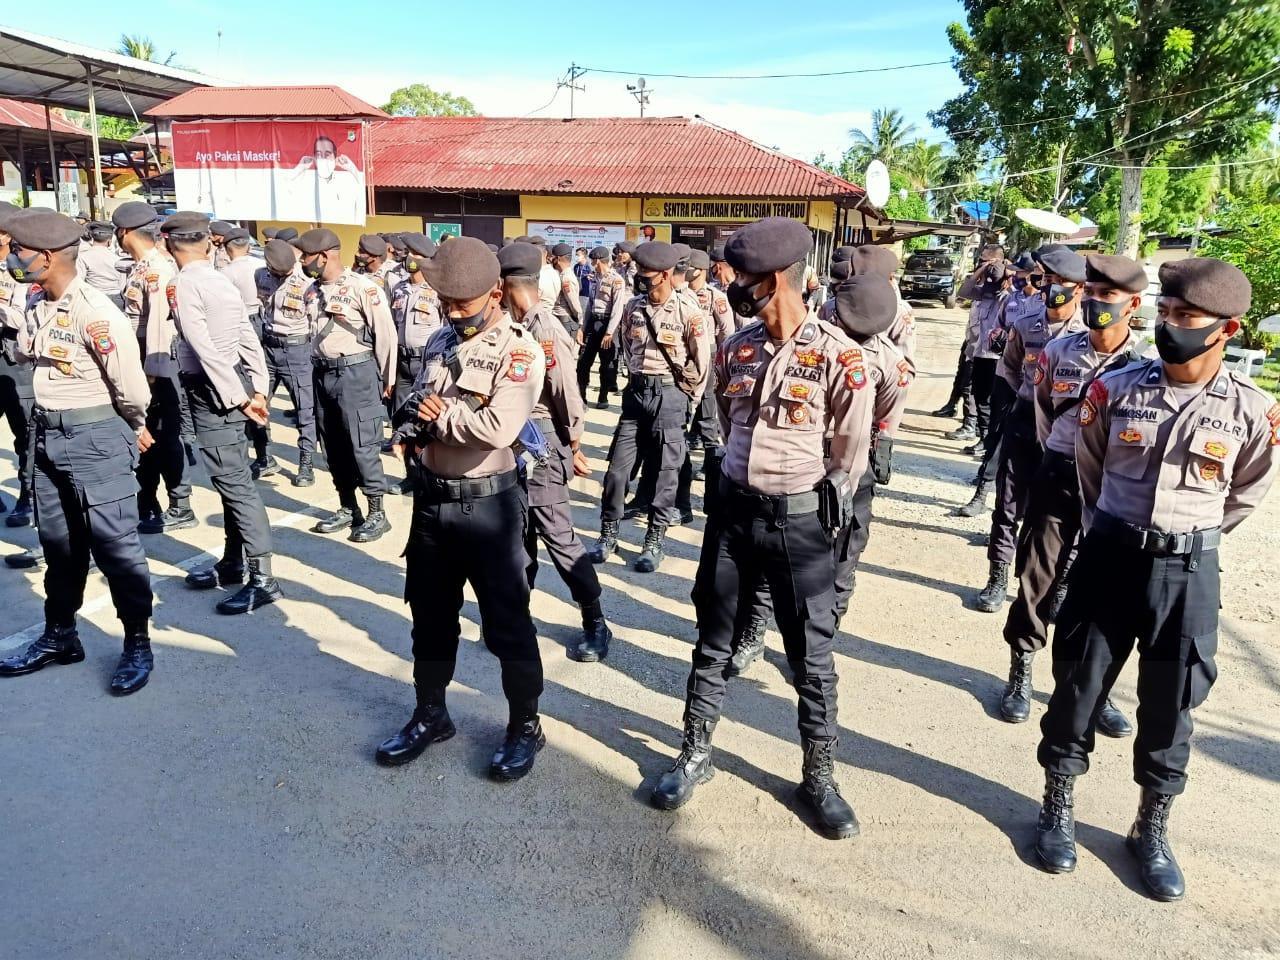 493 Personil Polres Manokwari Disiapkan Amankan Pilkada 10 IMG 20201206 WA0021